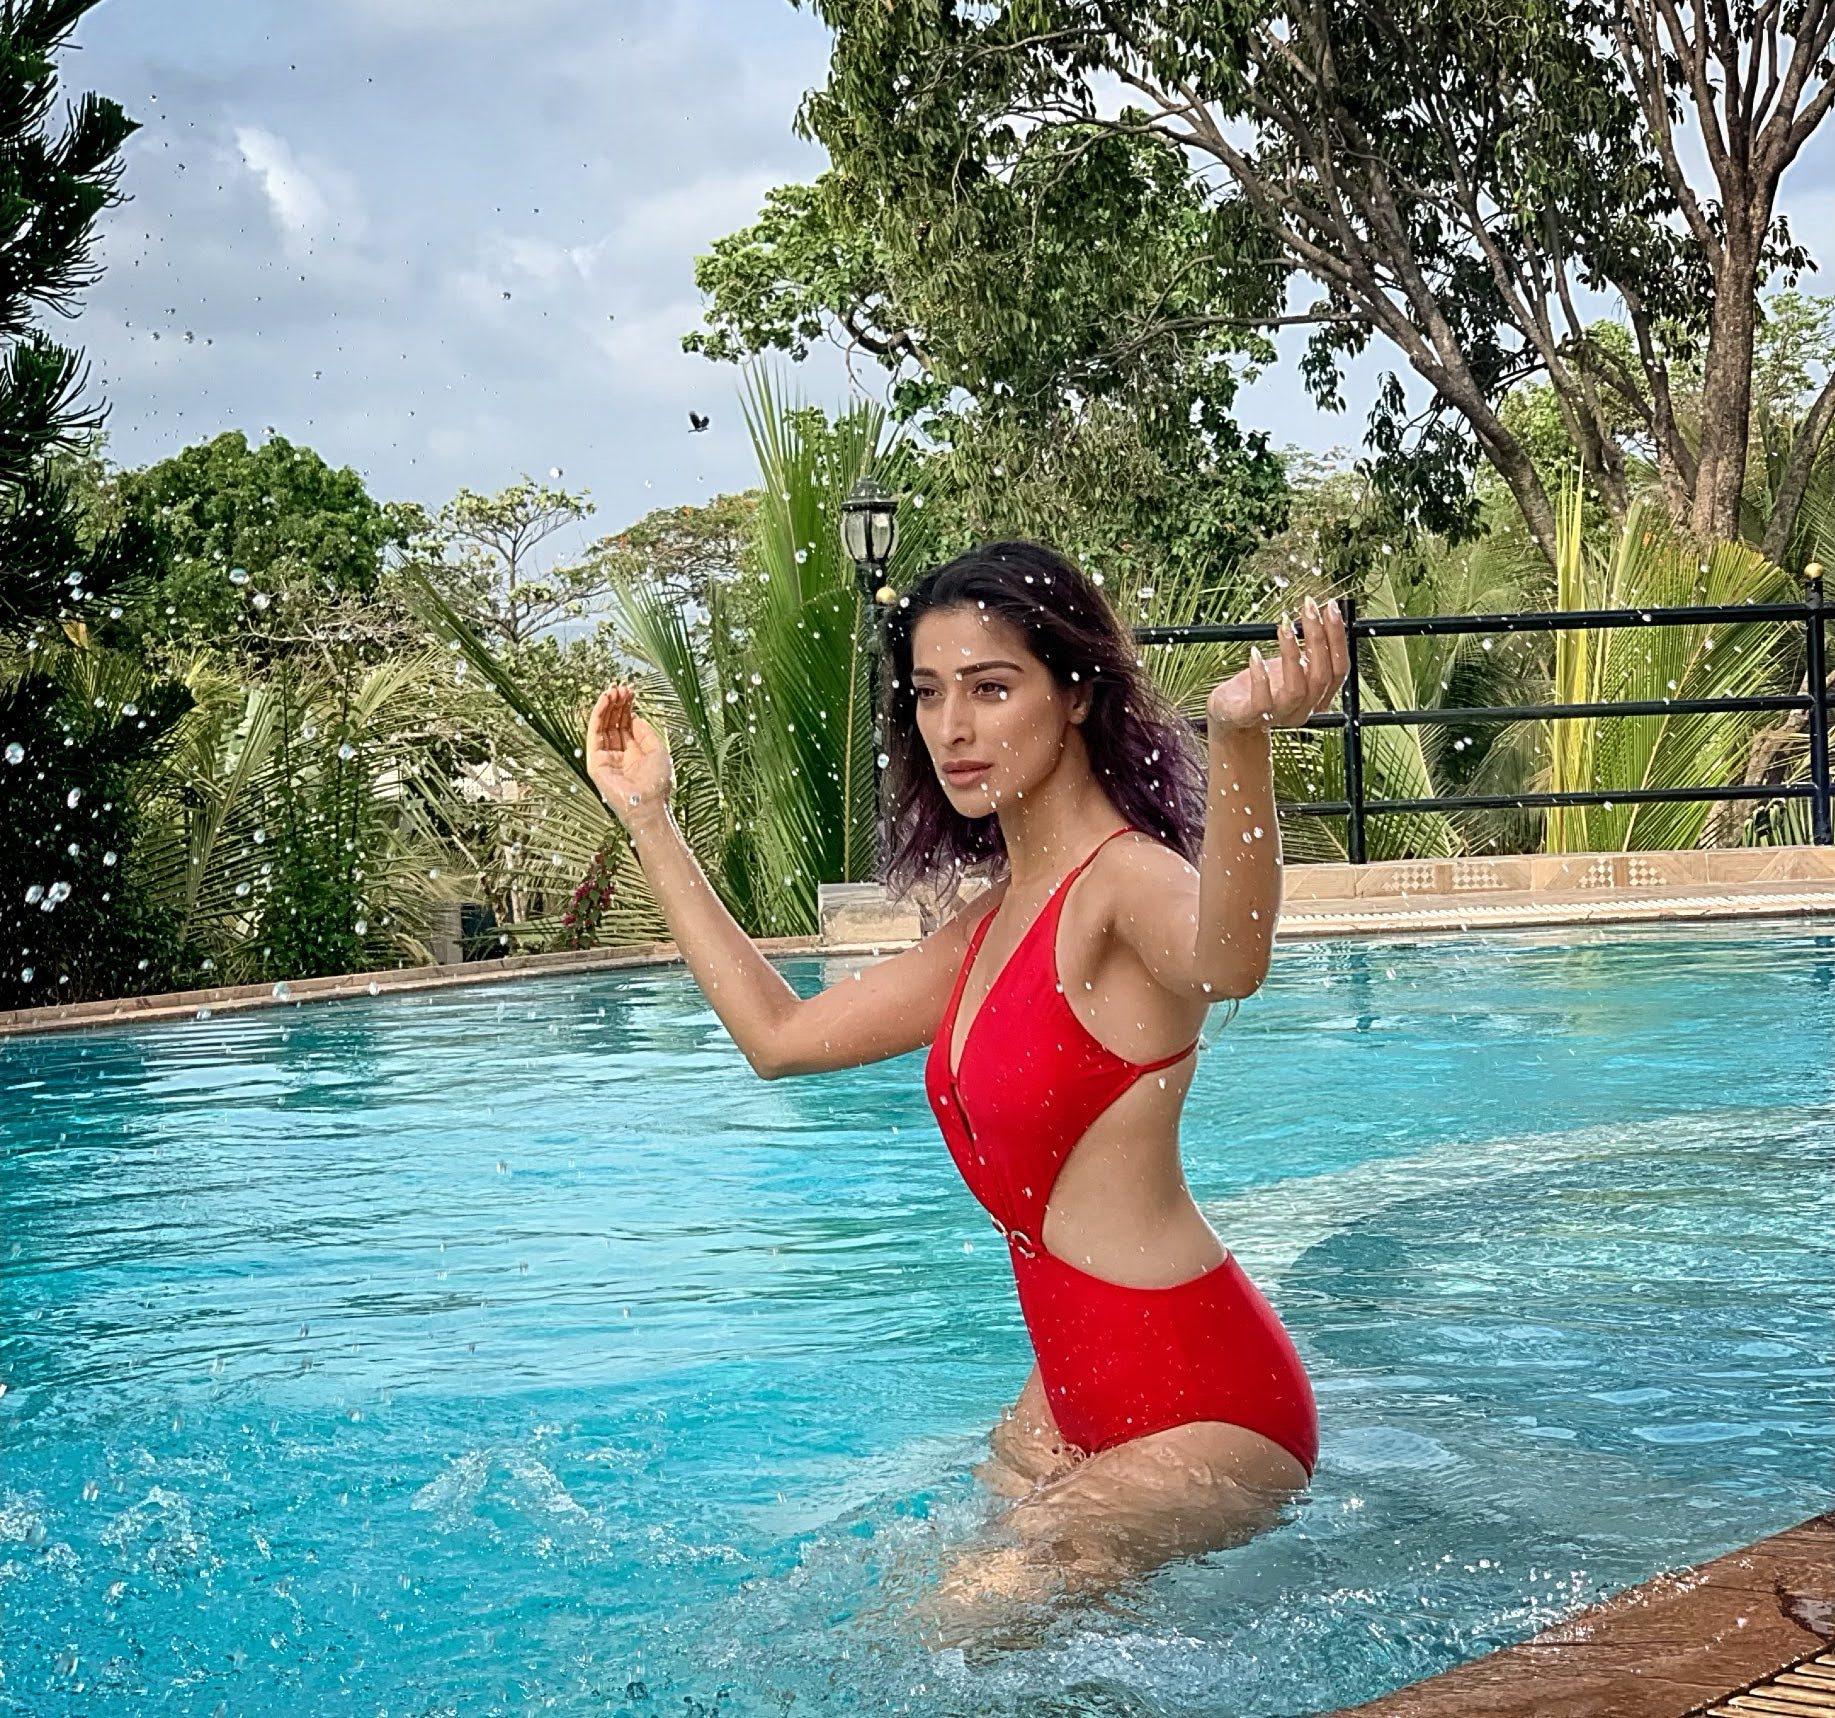 Rai-lakshmi-latest-images-32514